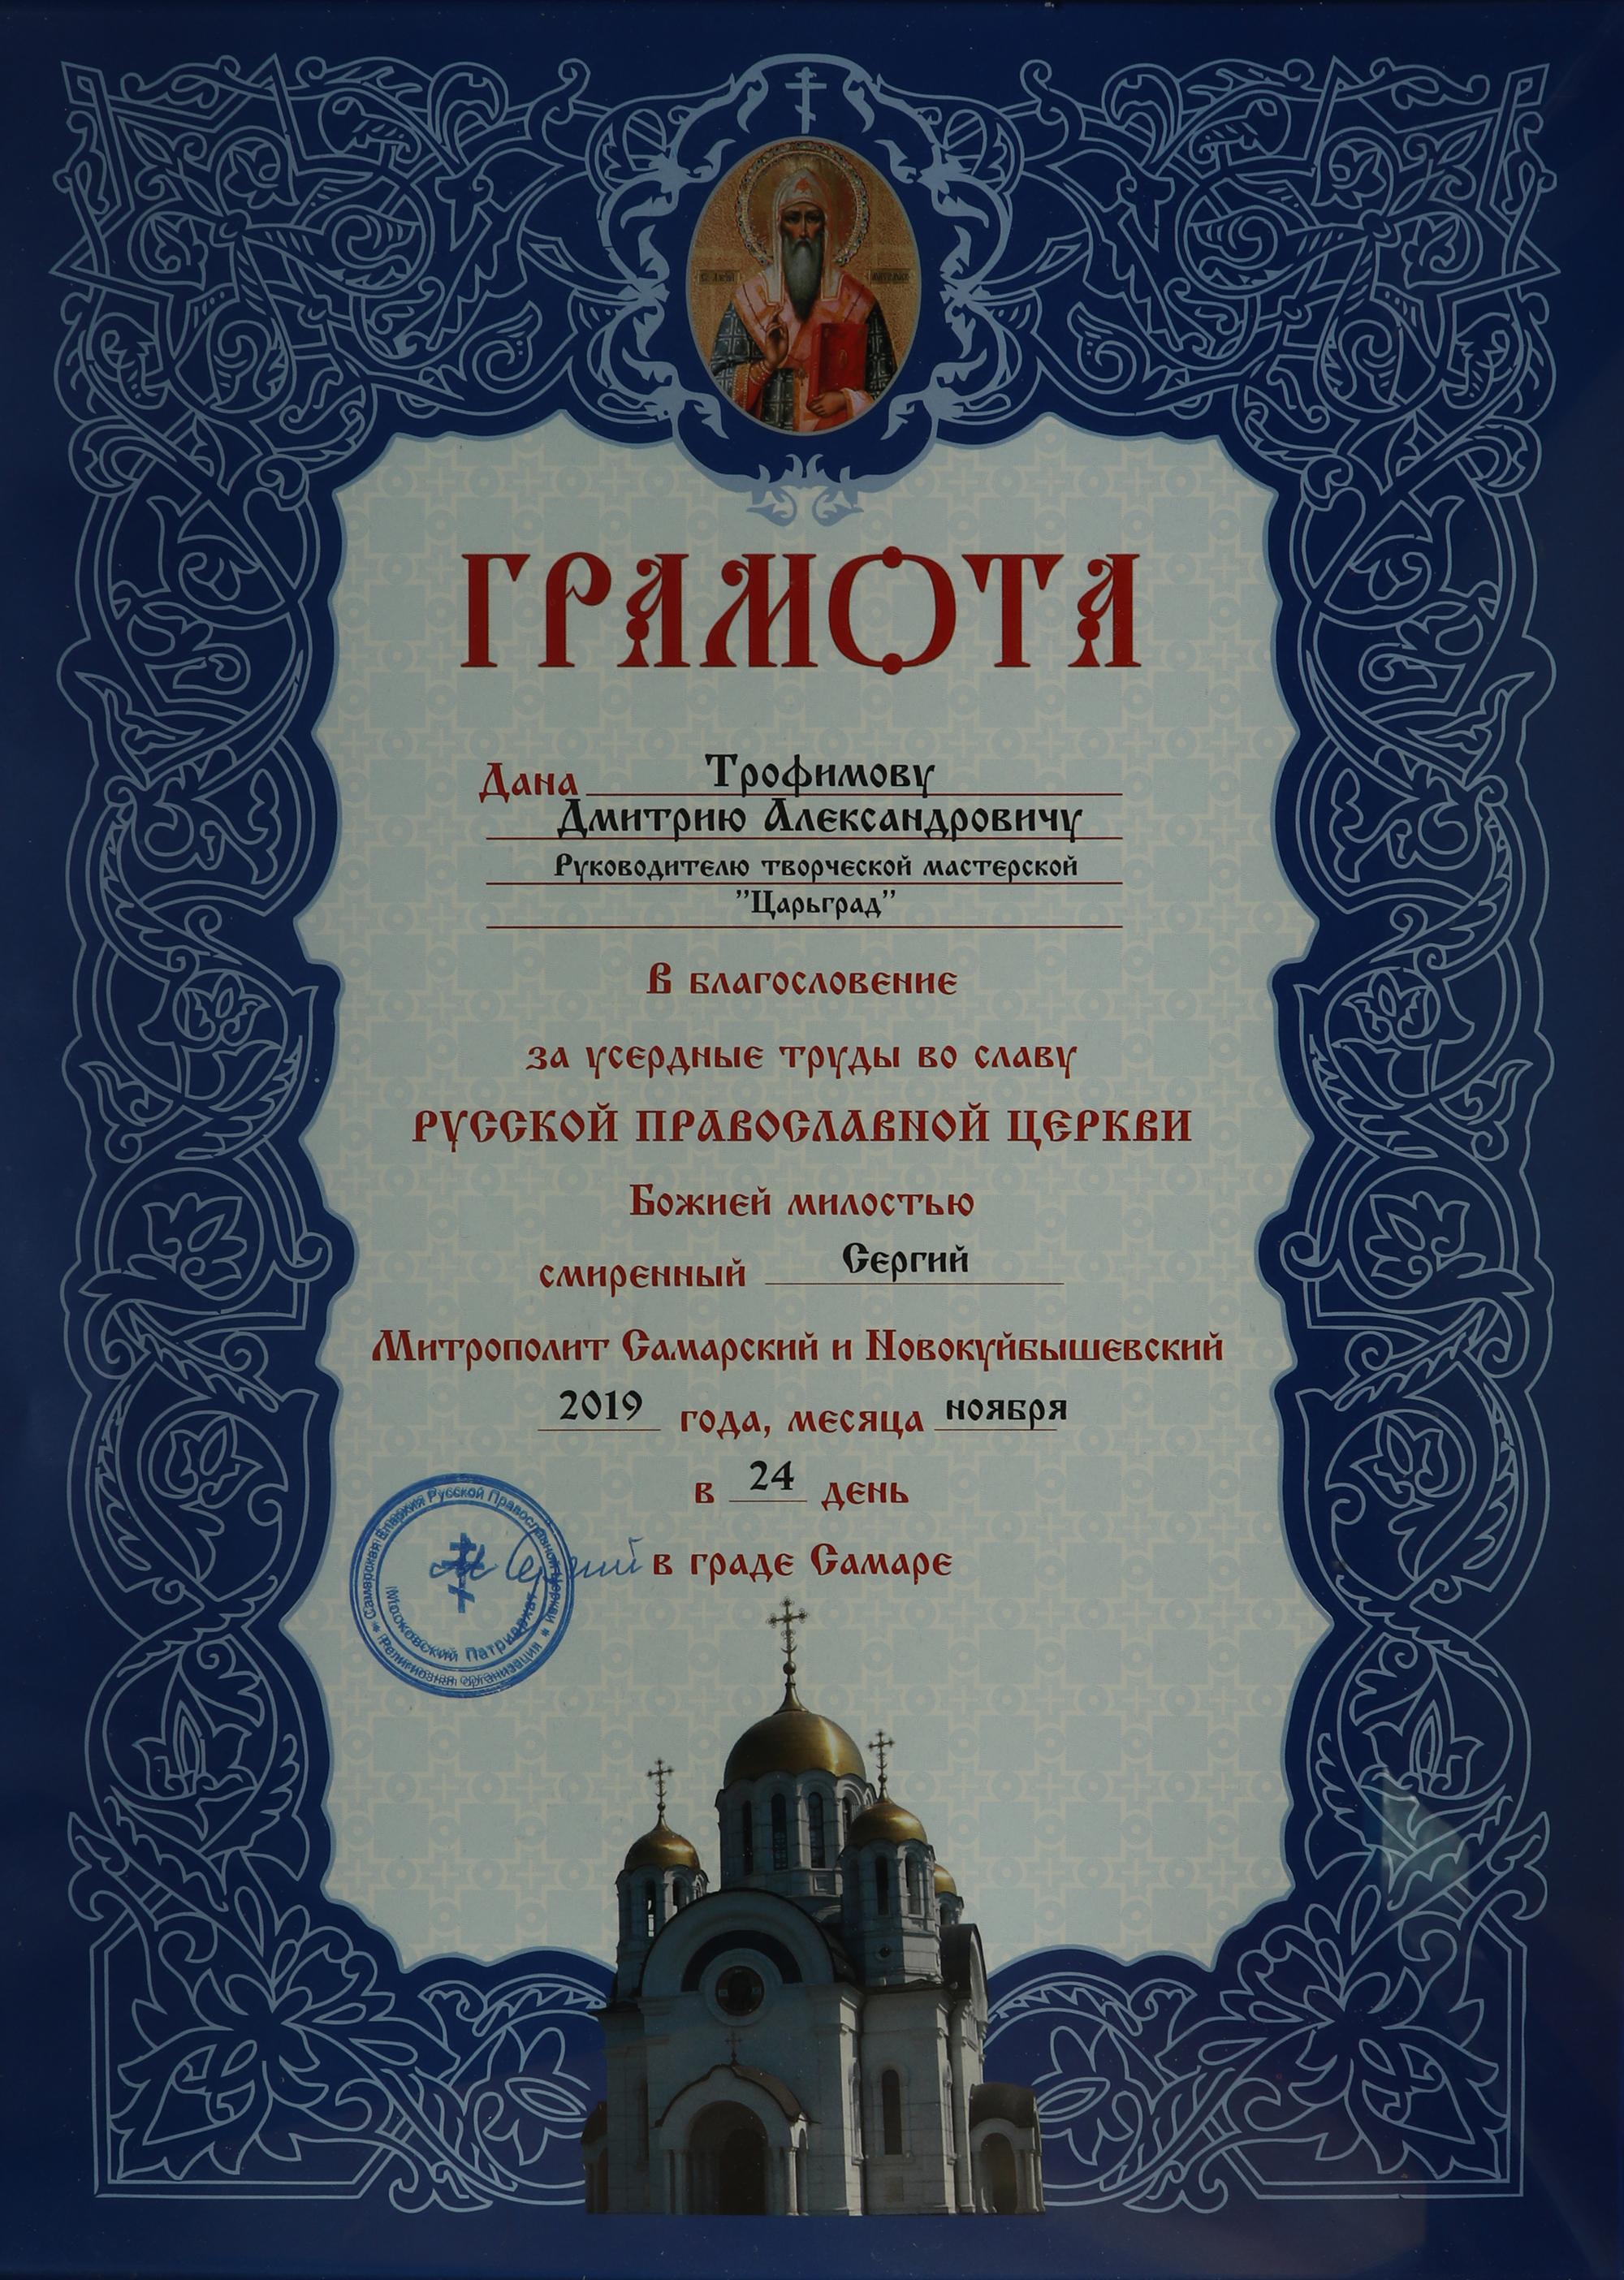 Грамота от митрополита Самарского и Новокуйбышевского